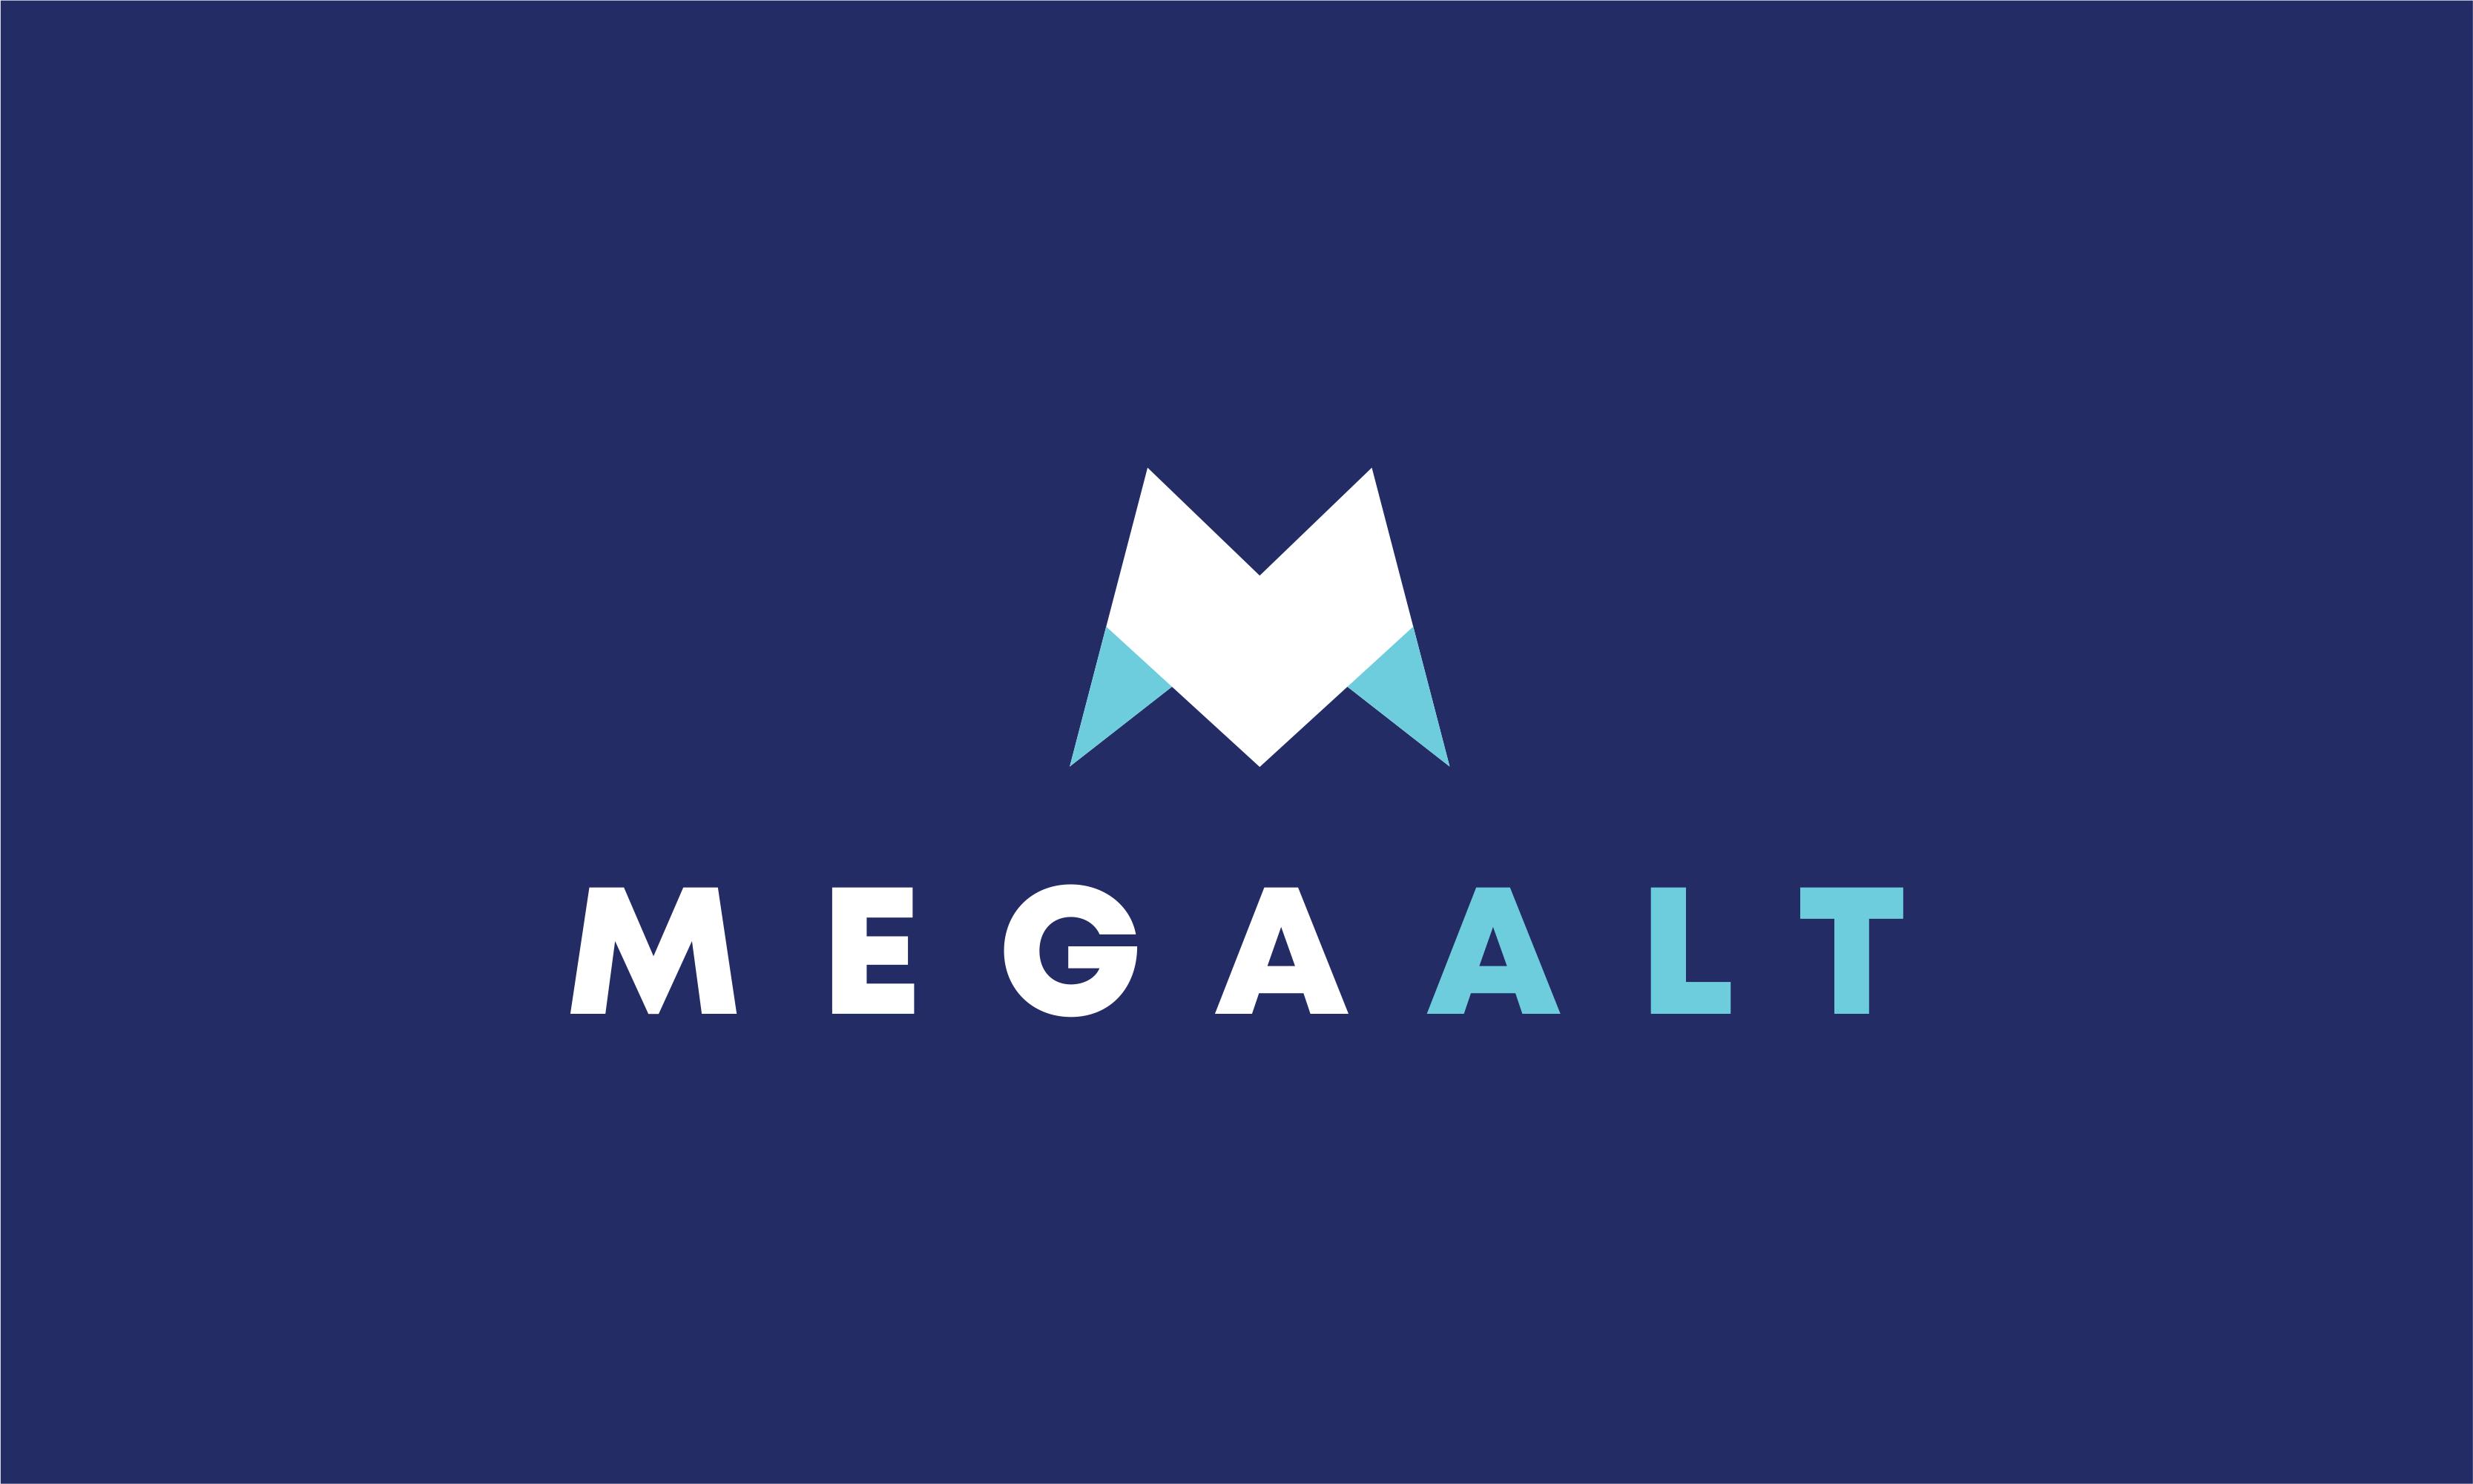 Megaalt